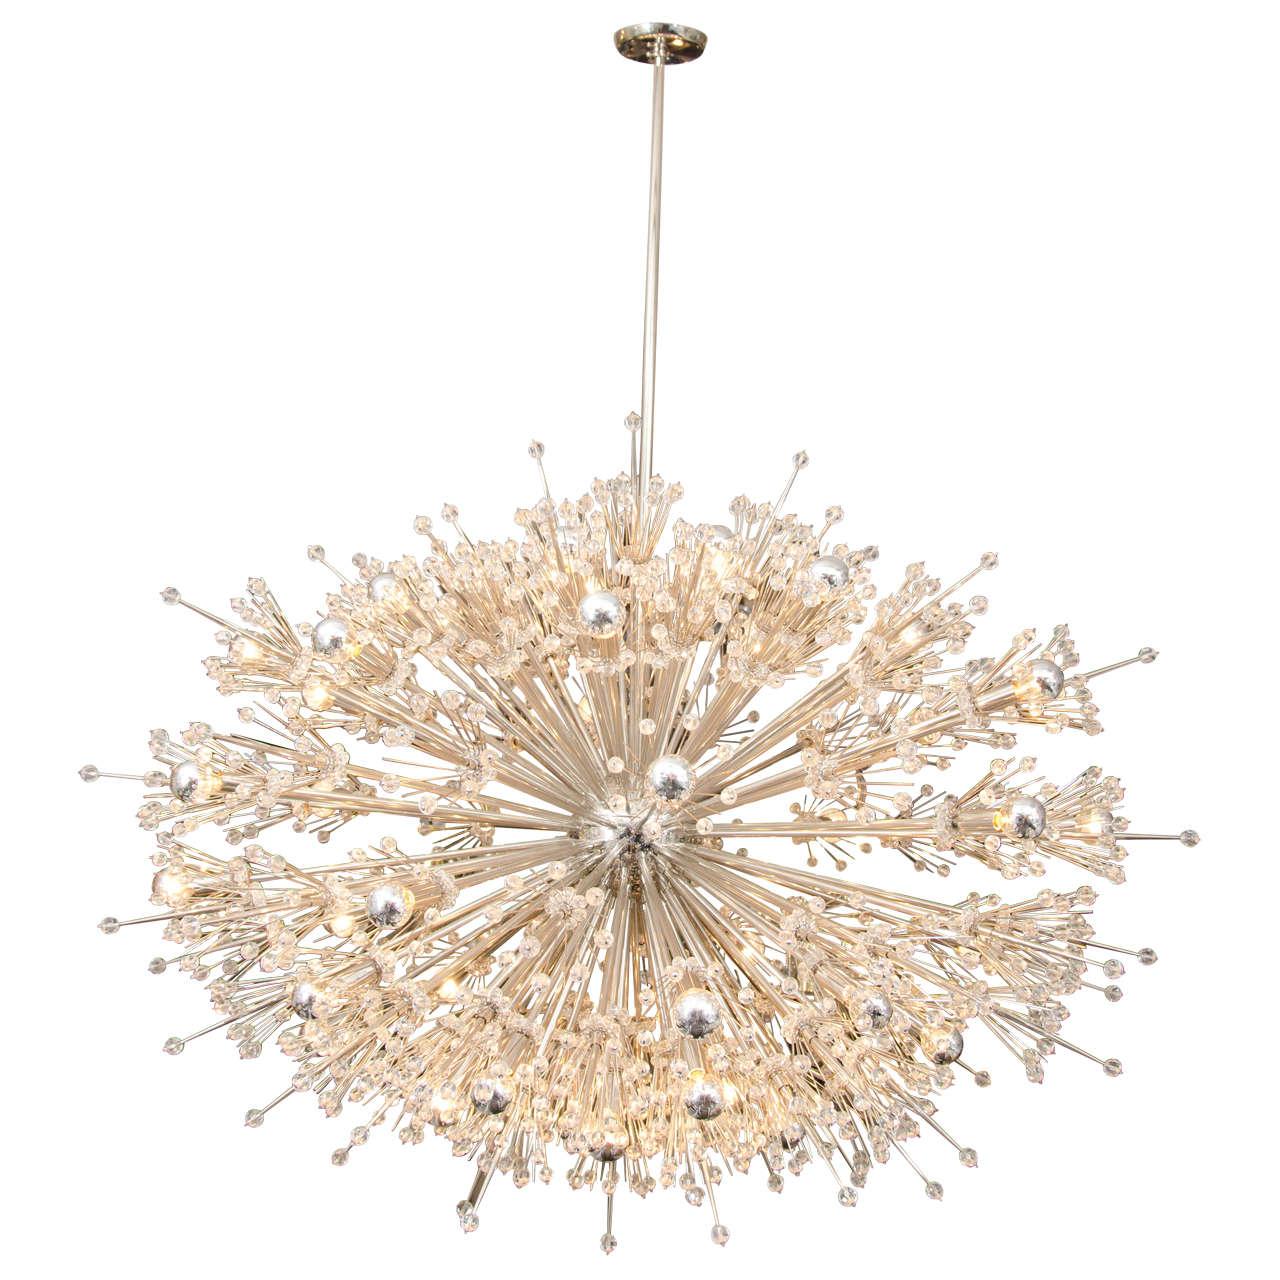 Monumental Crystal Esprit Sputnik Chandelier For Sale